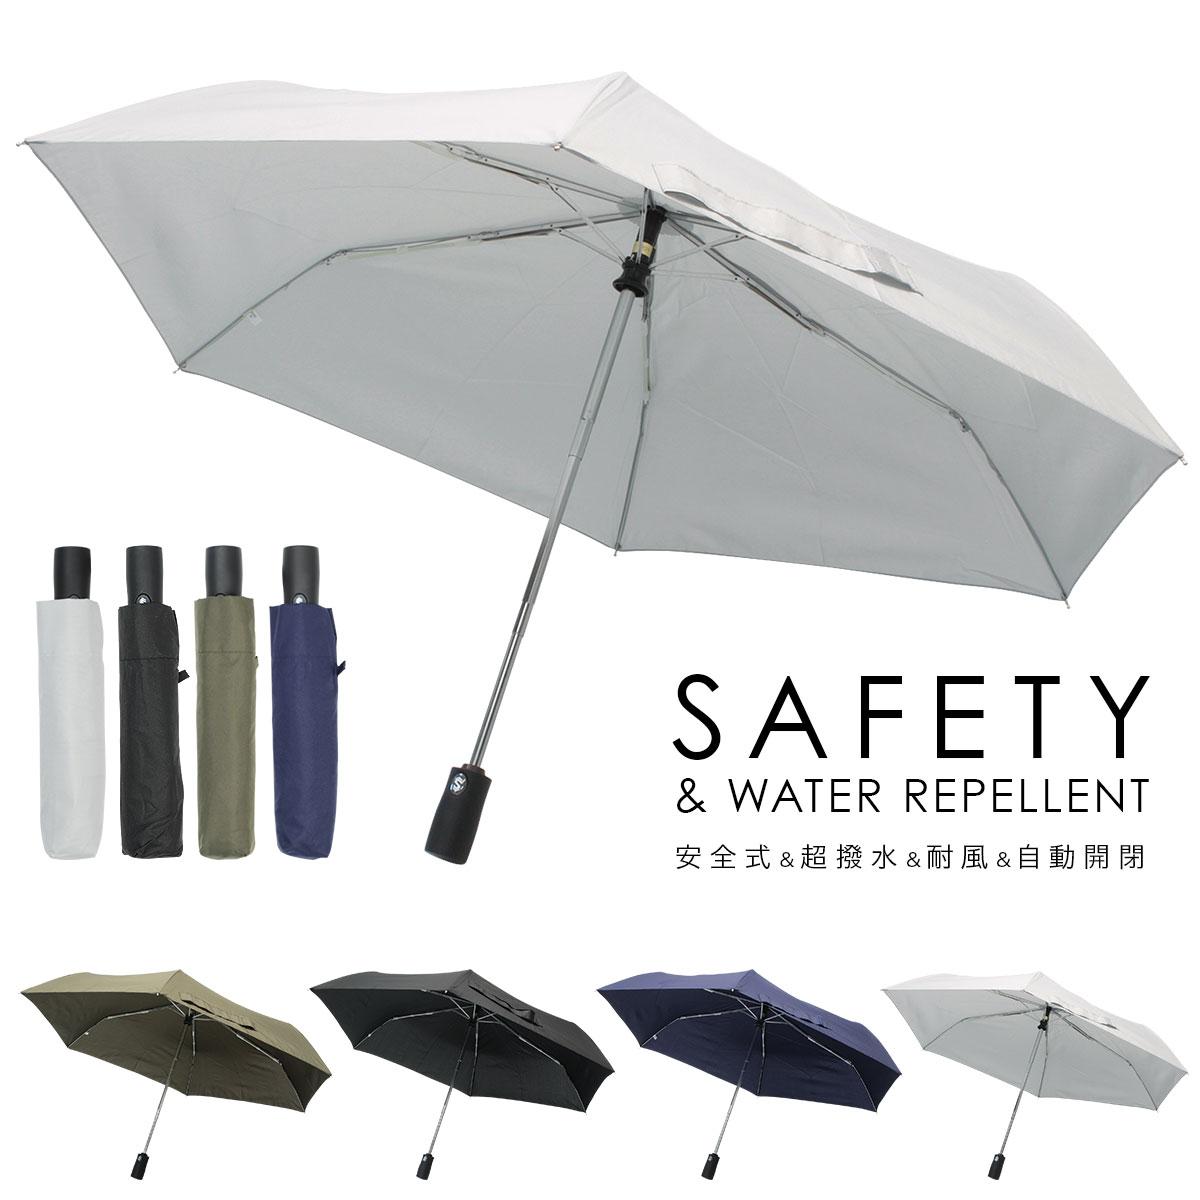 おすすめ 買取 送料無料 55cm 安全ストッパー付 ワンタッチ 自動開閉 折りたたみ傘 耐風傘仕様 軽量 メンズ 超撥水 ギフト